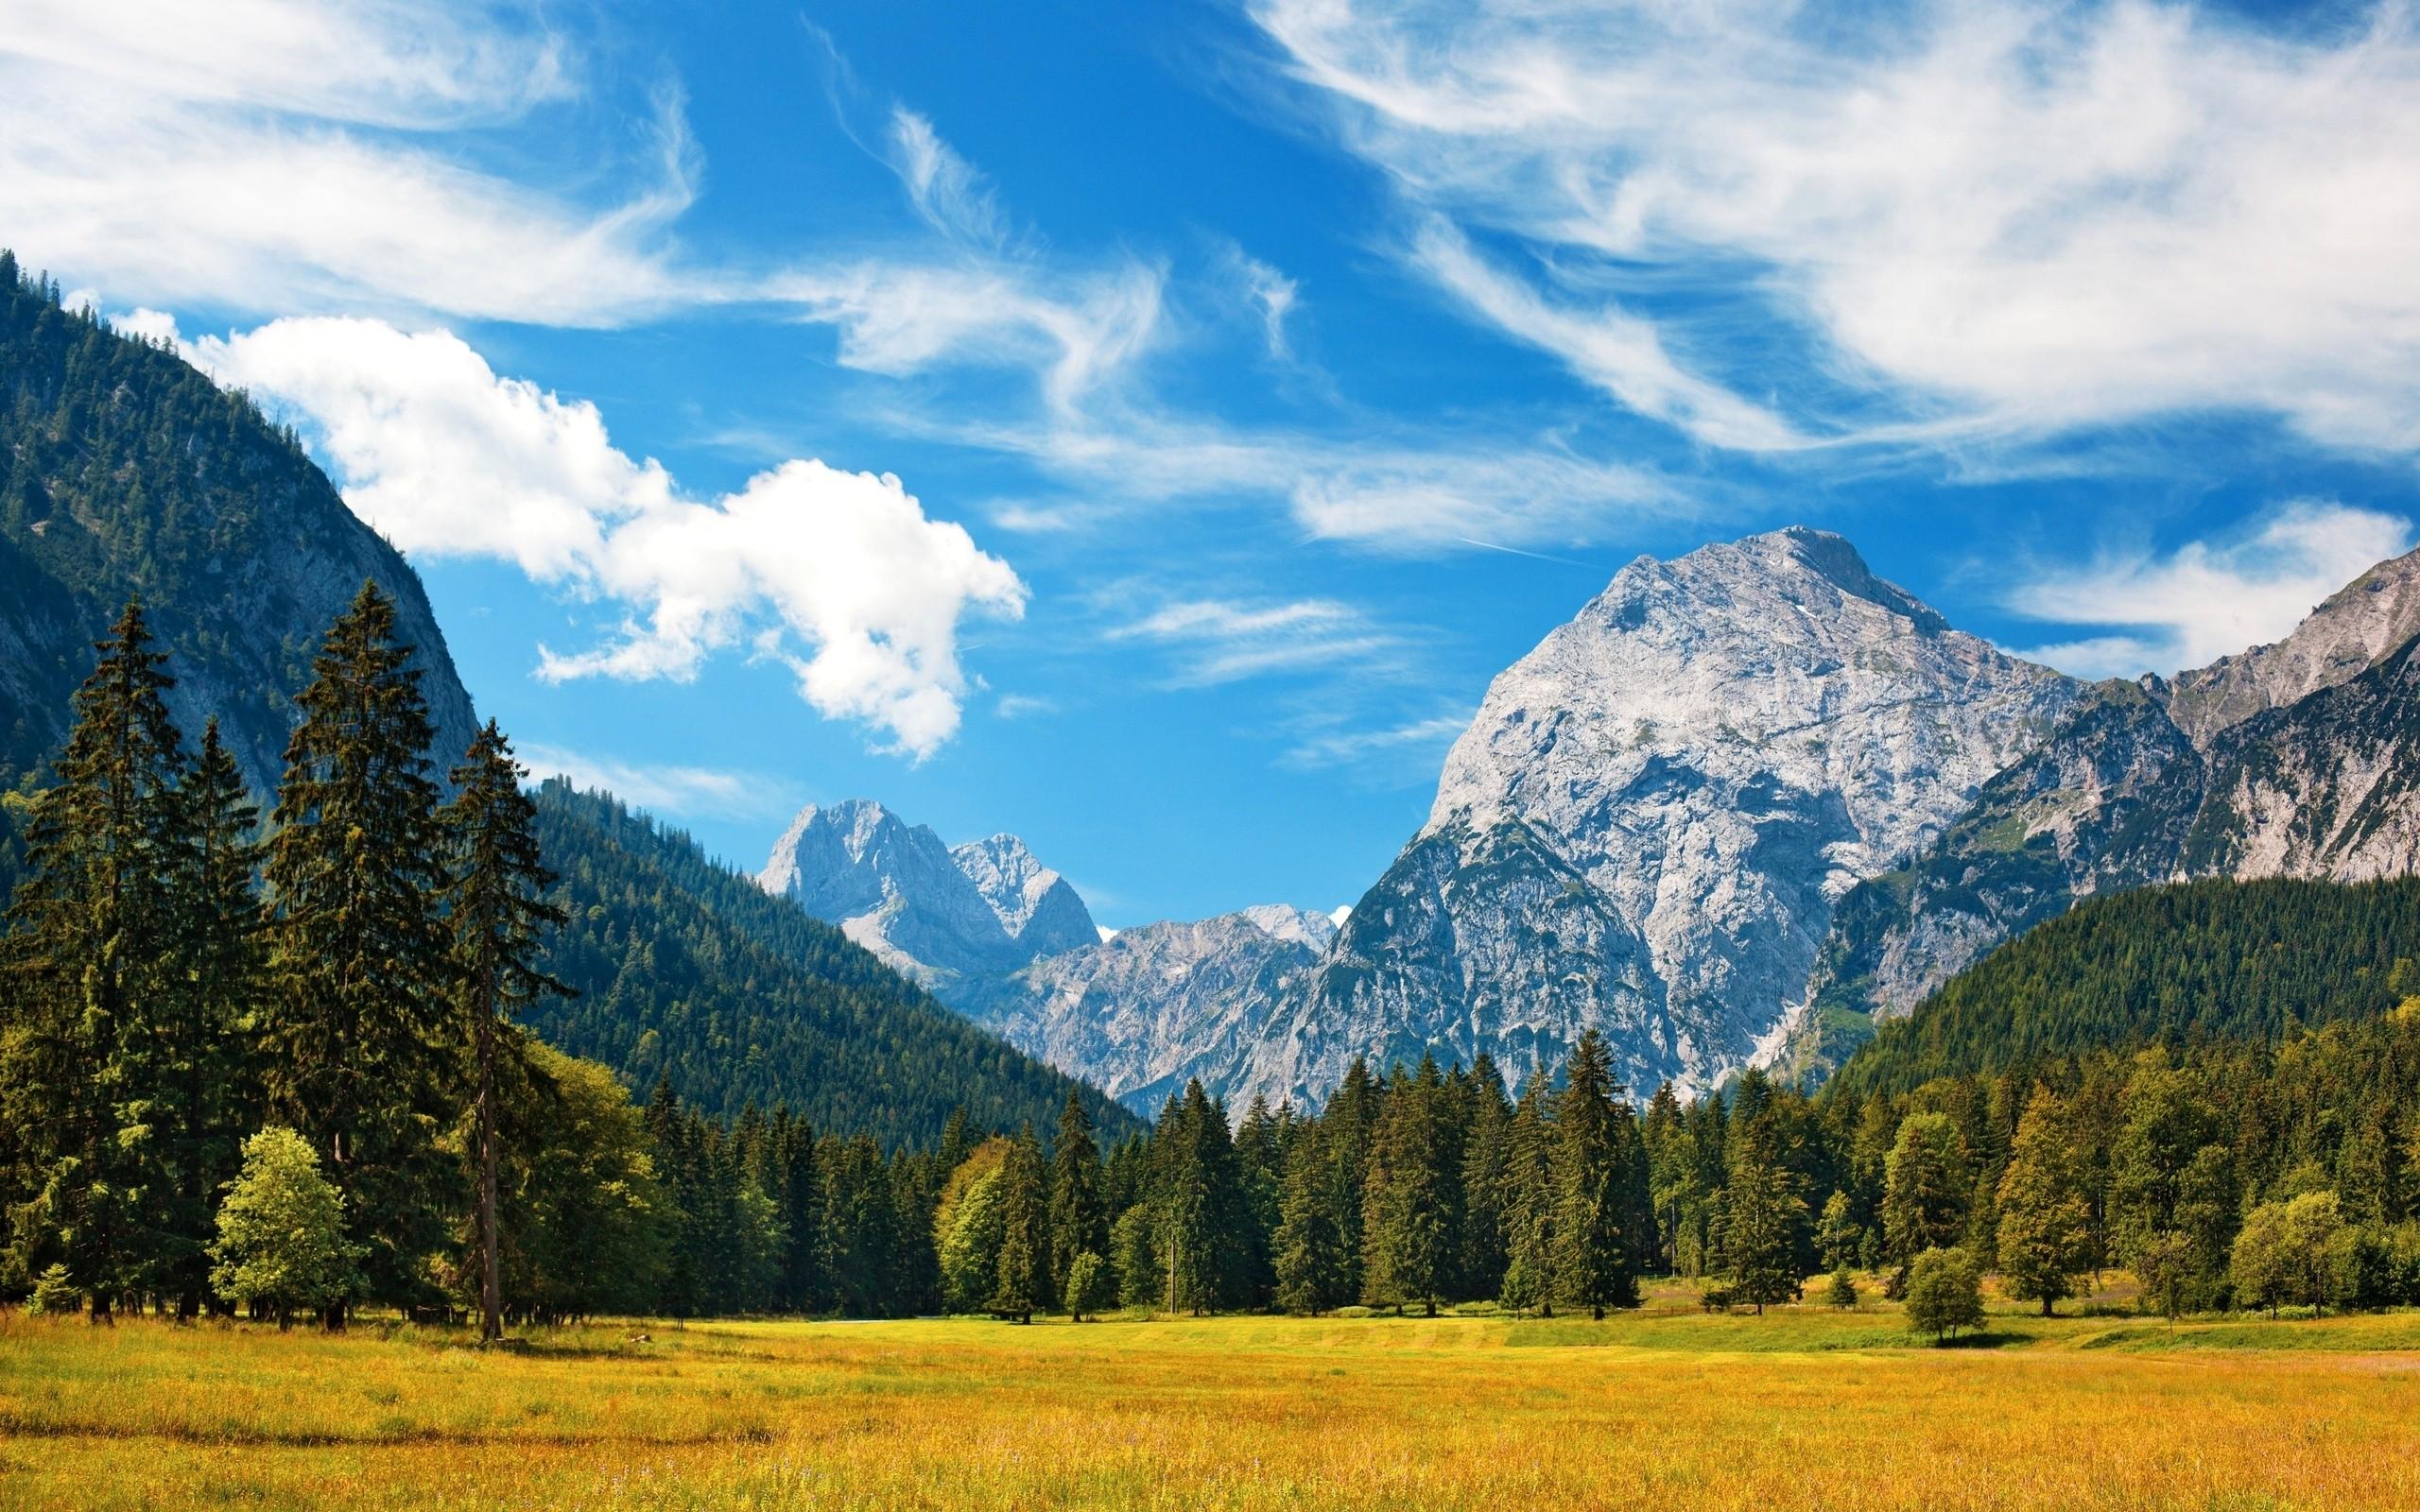 Картинка с пейзажем гор